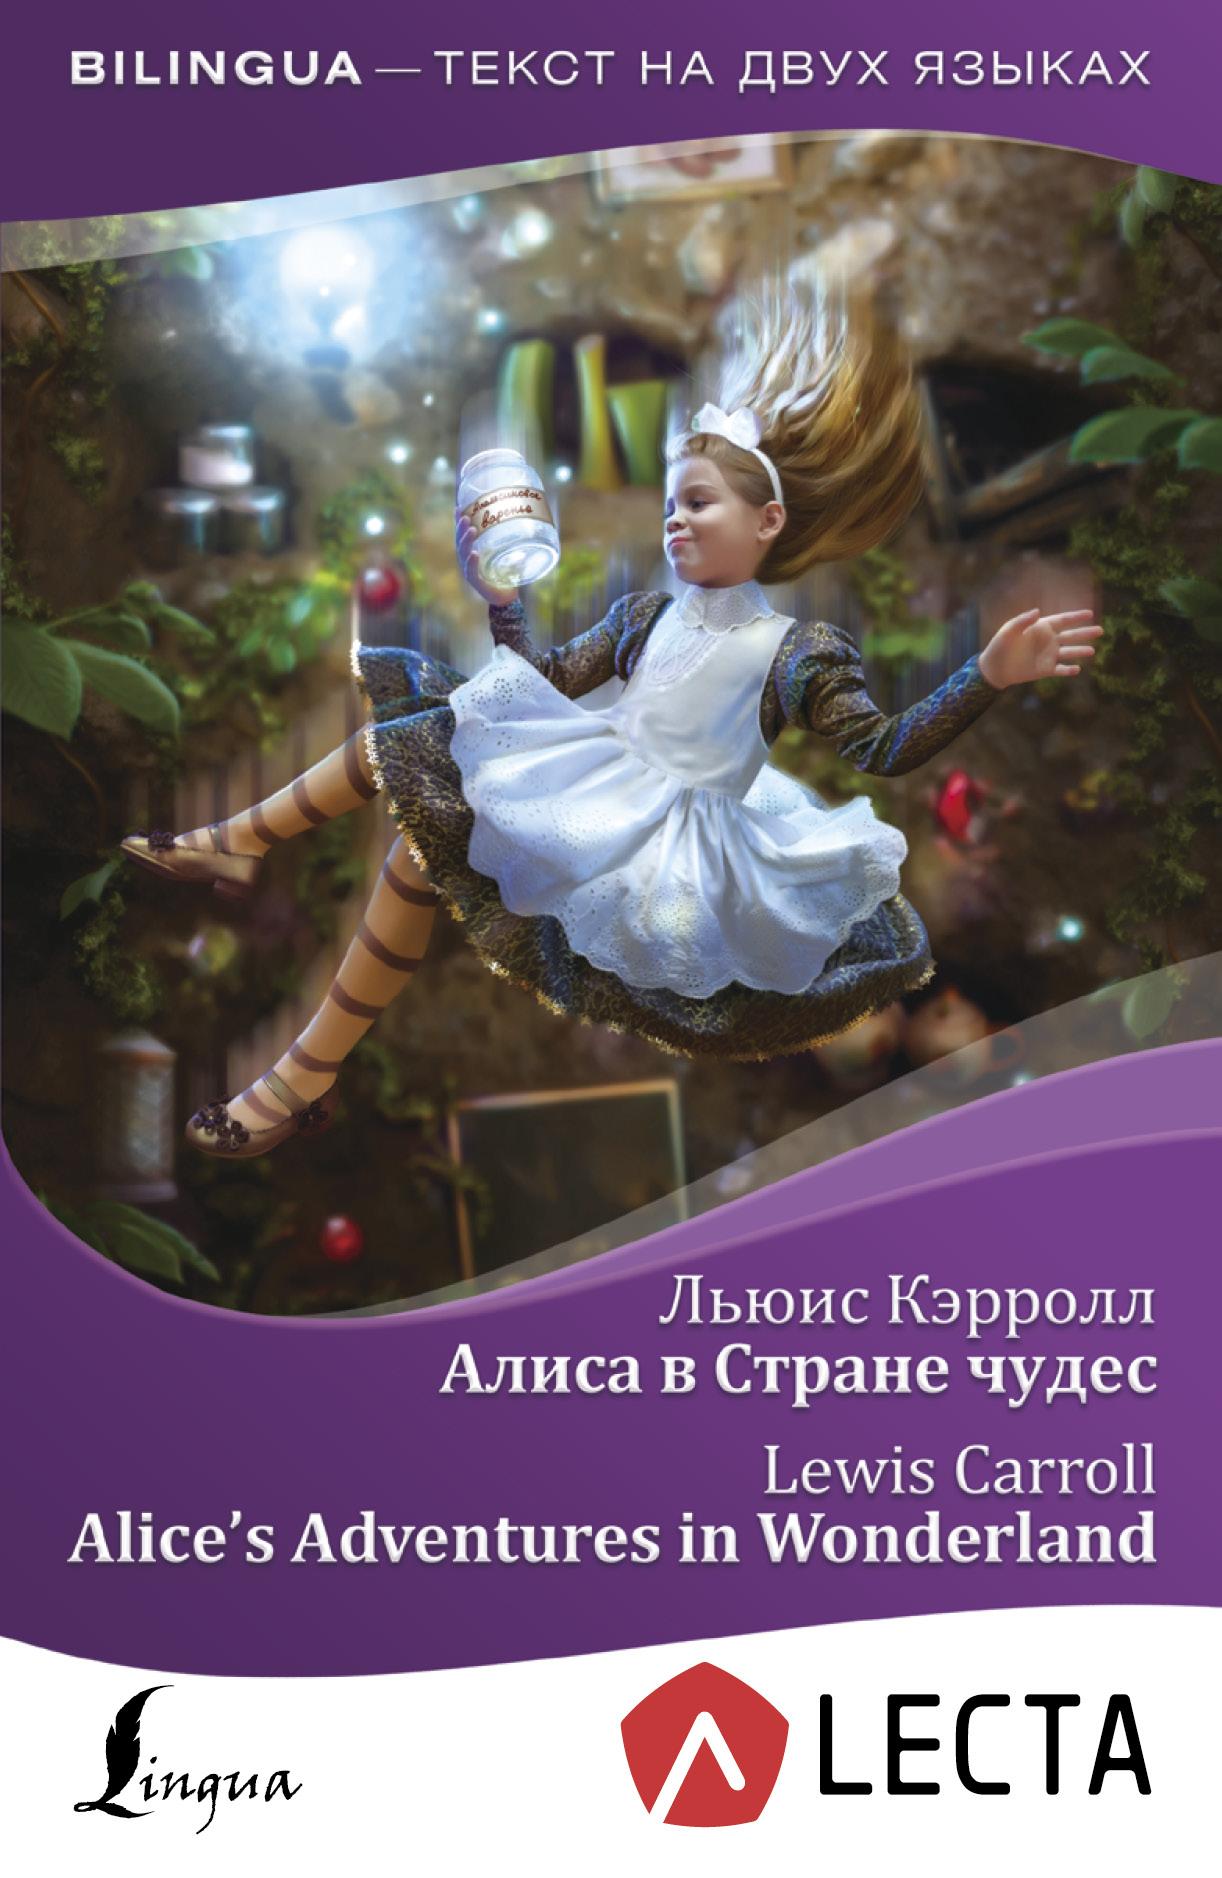 Алиса в Стране чудес \/ Alice's Adventures in Wonderland (+ аудиоприложение LECTA)